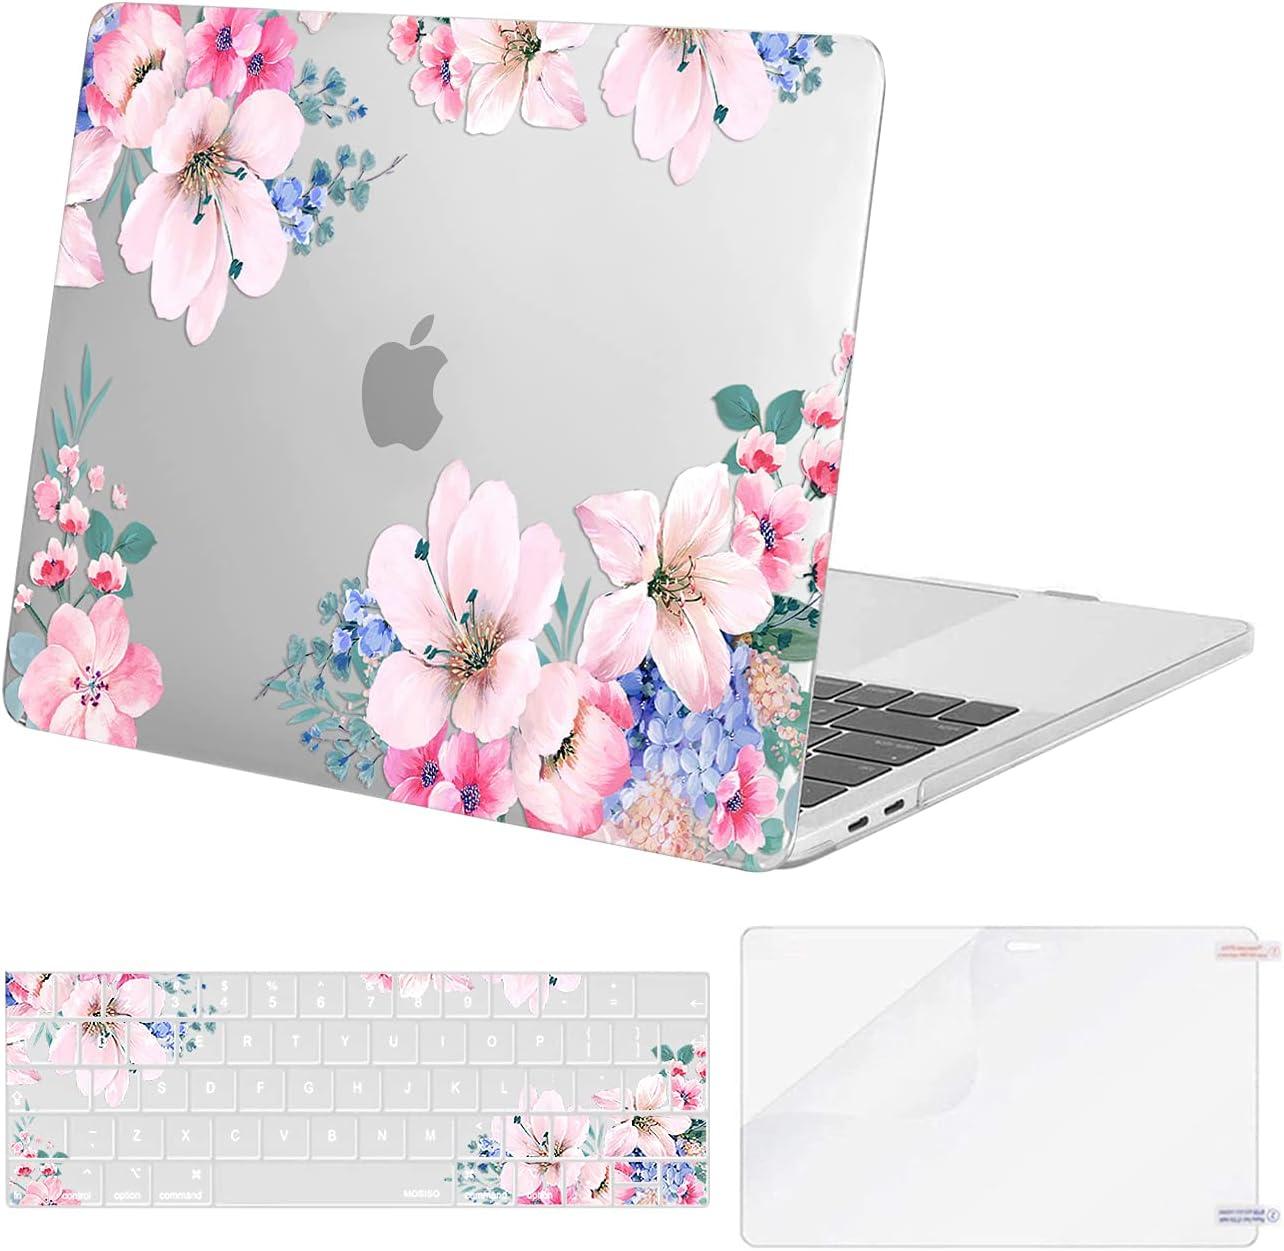 MOSISO Funda Dura Compatible con MacBook Pro 13 2020-2016 M1 A2338 A2289 A2251 A2159 A1989 A1706 A1708,Plástico Prunus Flower Estuche Rígido & Cubierta de Teclado &Protector de Pantalla, Trans